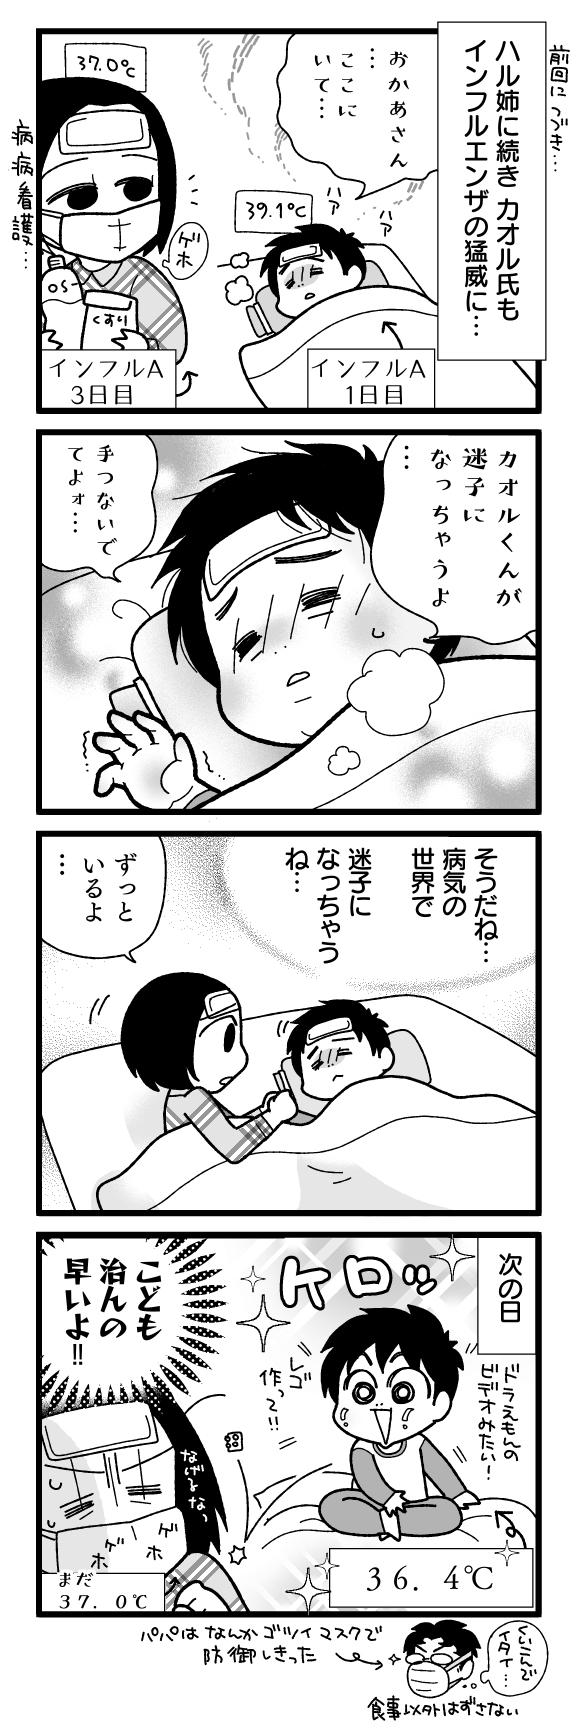 漫画『怒涛のにゅーじヨージ』Vol.195「インフルエンザのバカヤロー!②」 1コマ目